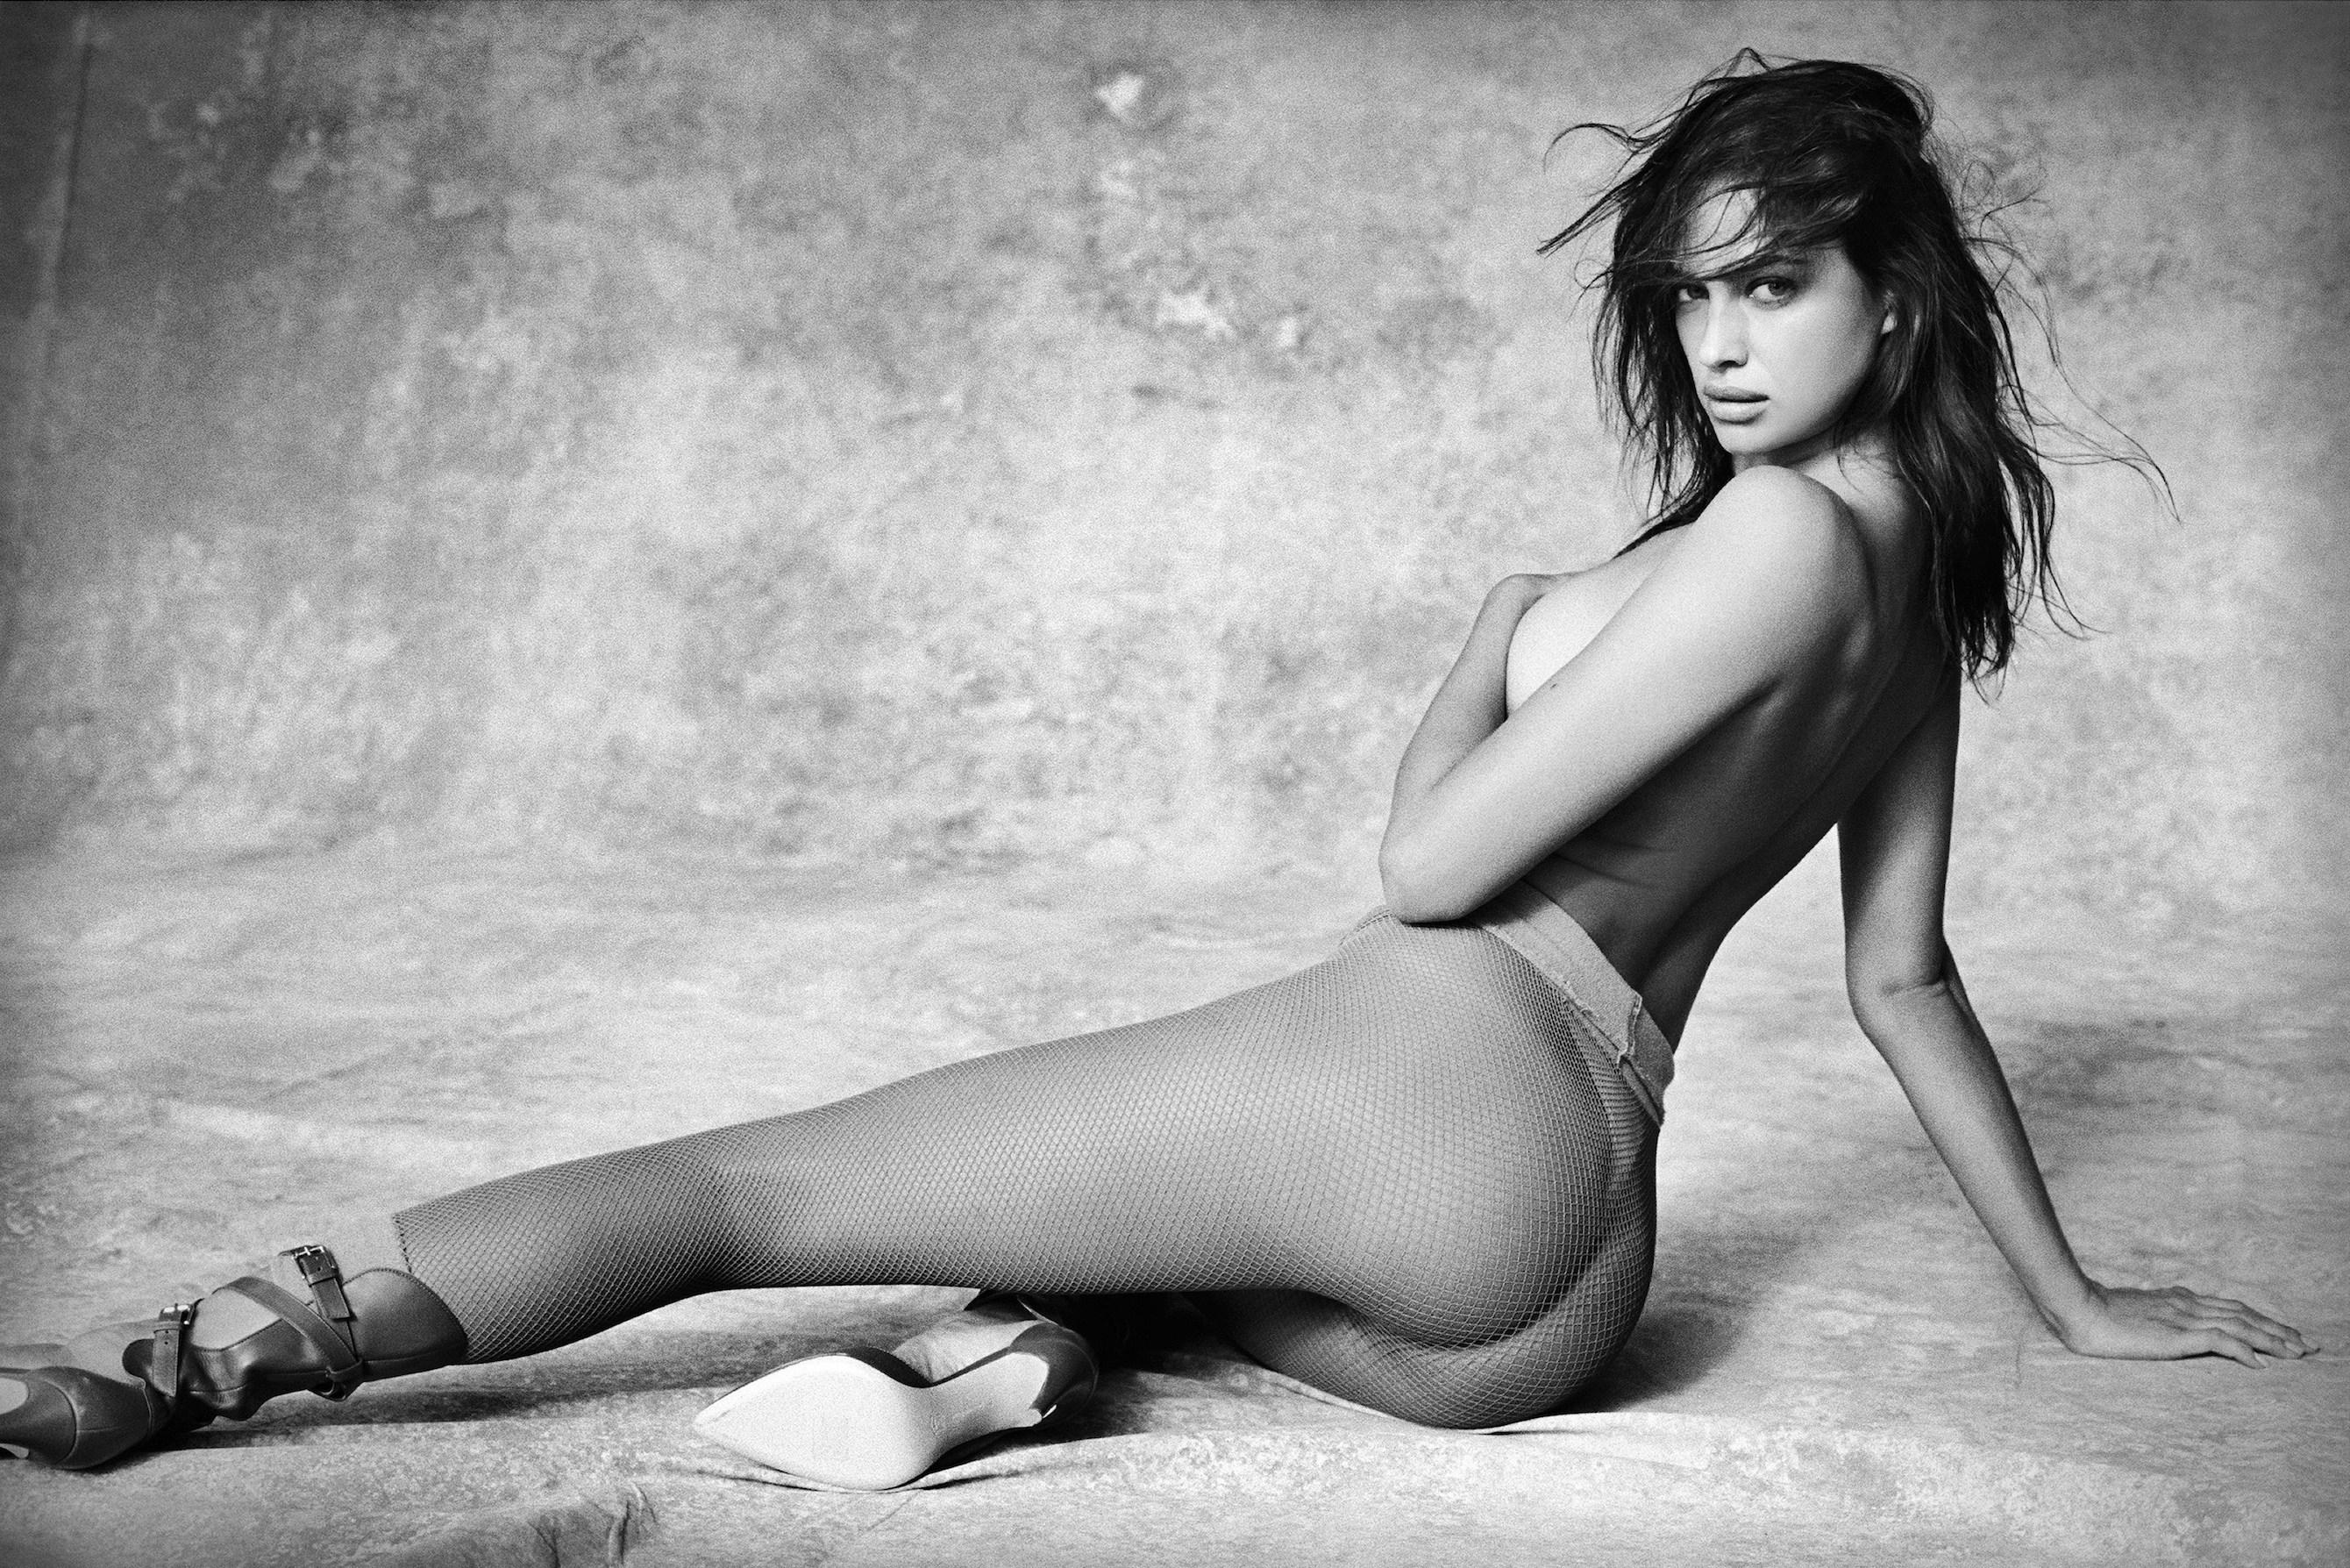 Фото оголенных модели, Голые модели - ню фото голых моделей 17 фотография